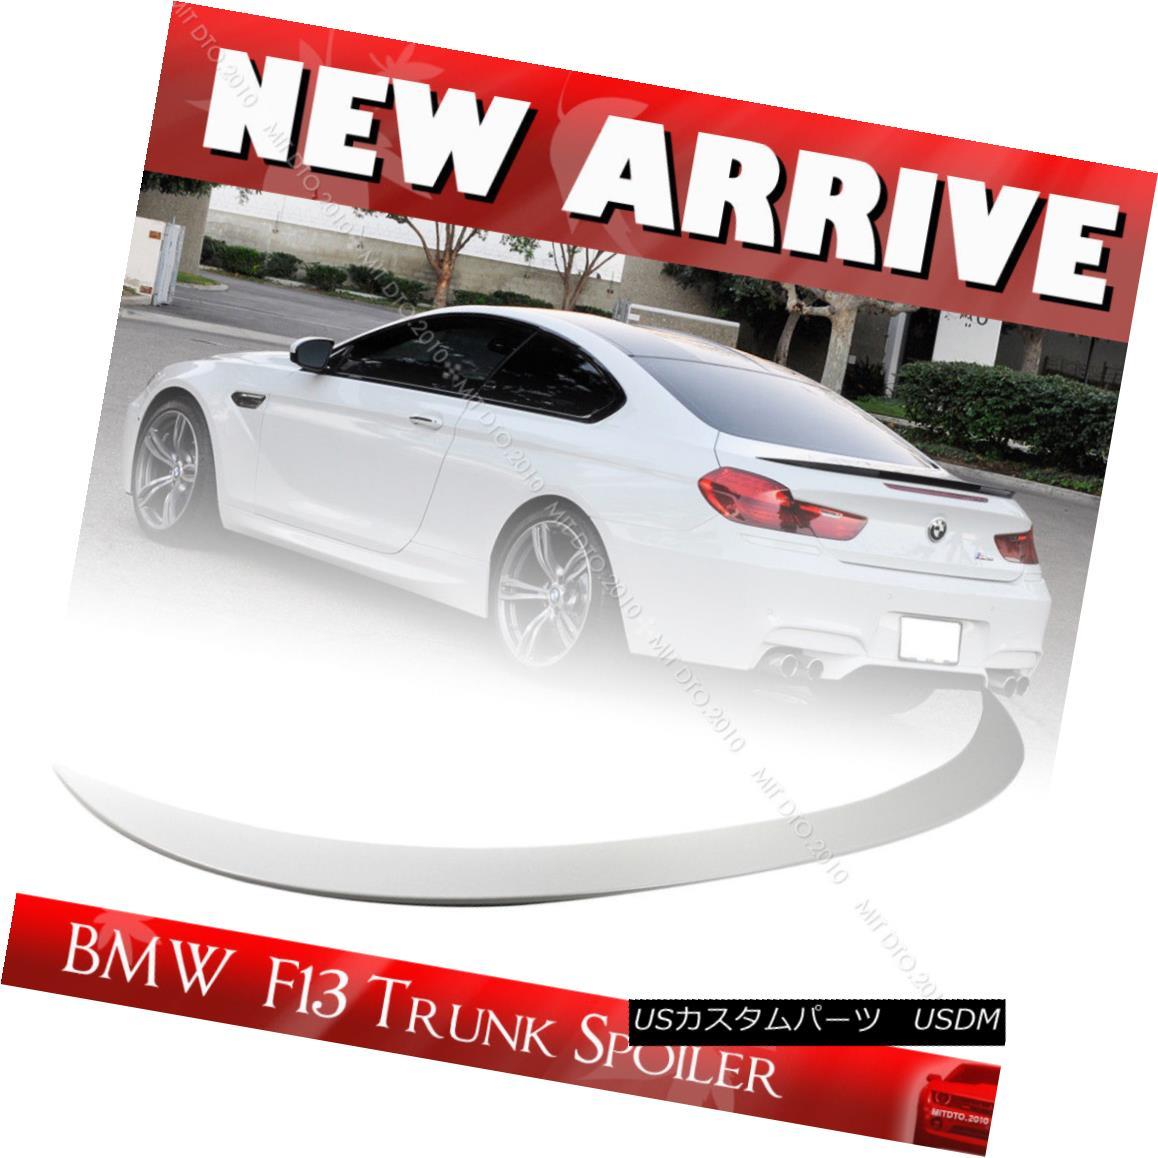 エアロパーツ 6-Serirs F13 Painted #300 White ABS For BMW 2D Coupe M6 Type Trunk Spoiler 650i 6シリーズF13ペイント#300ホワイトABS BMW 2Dクーペ用M6タイプトランク・スポイラー650i